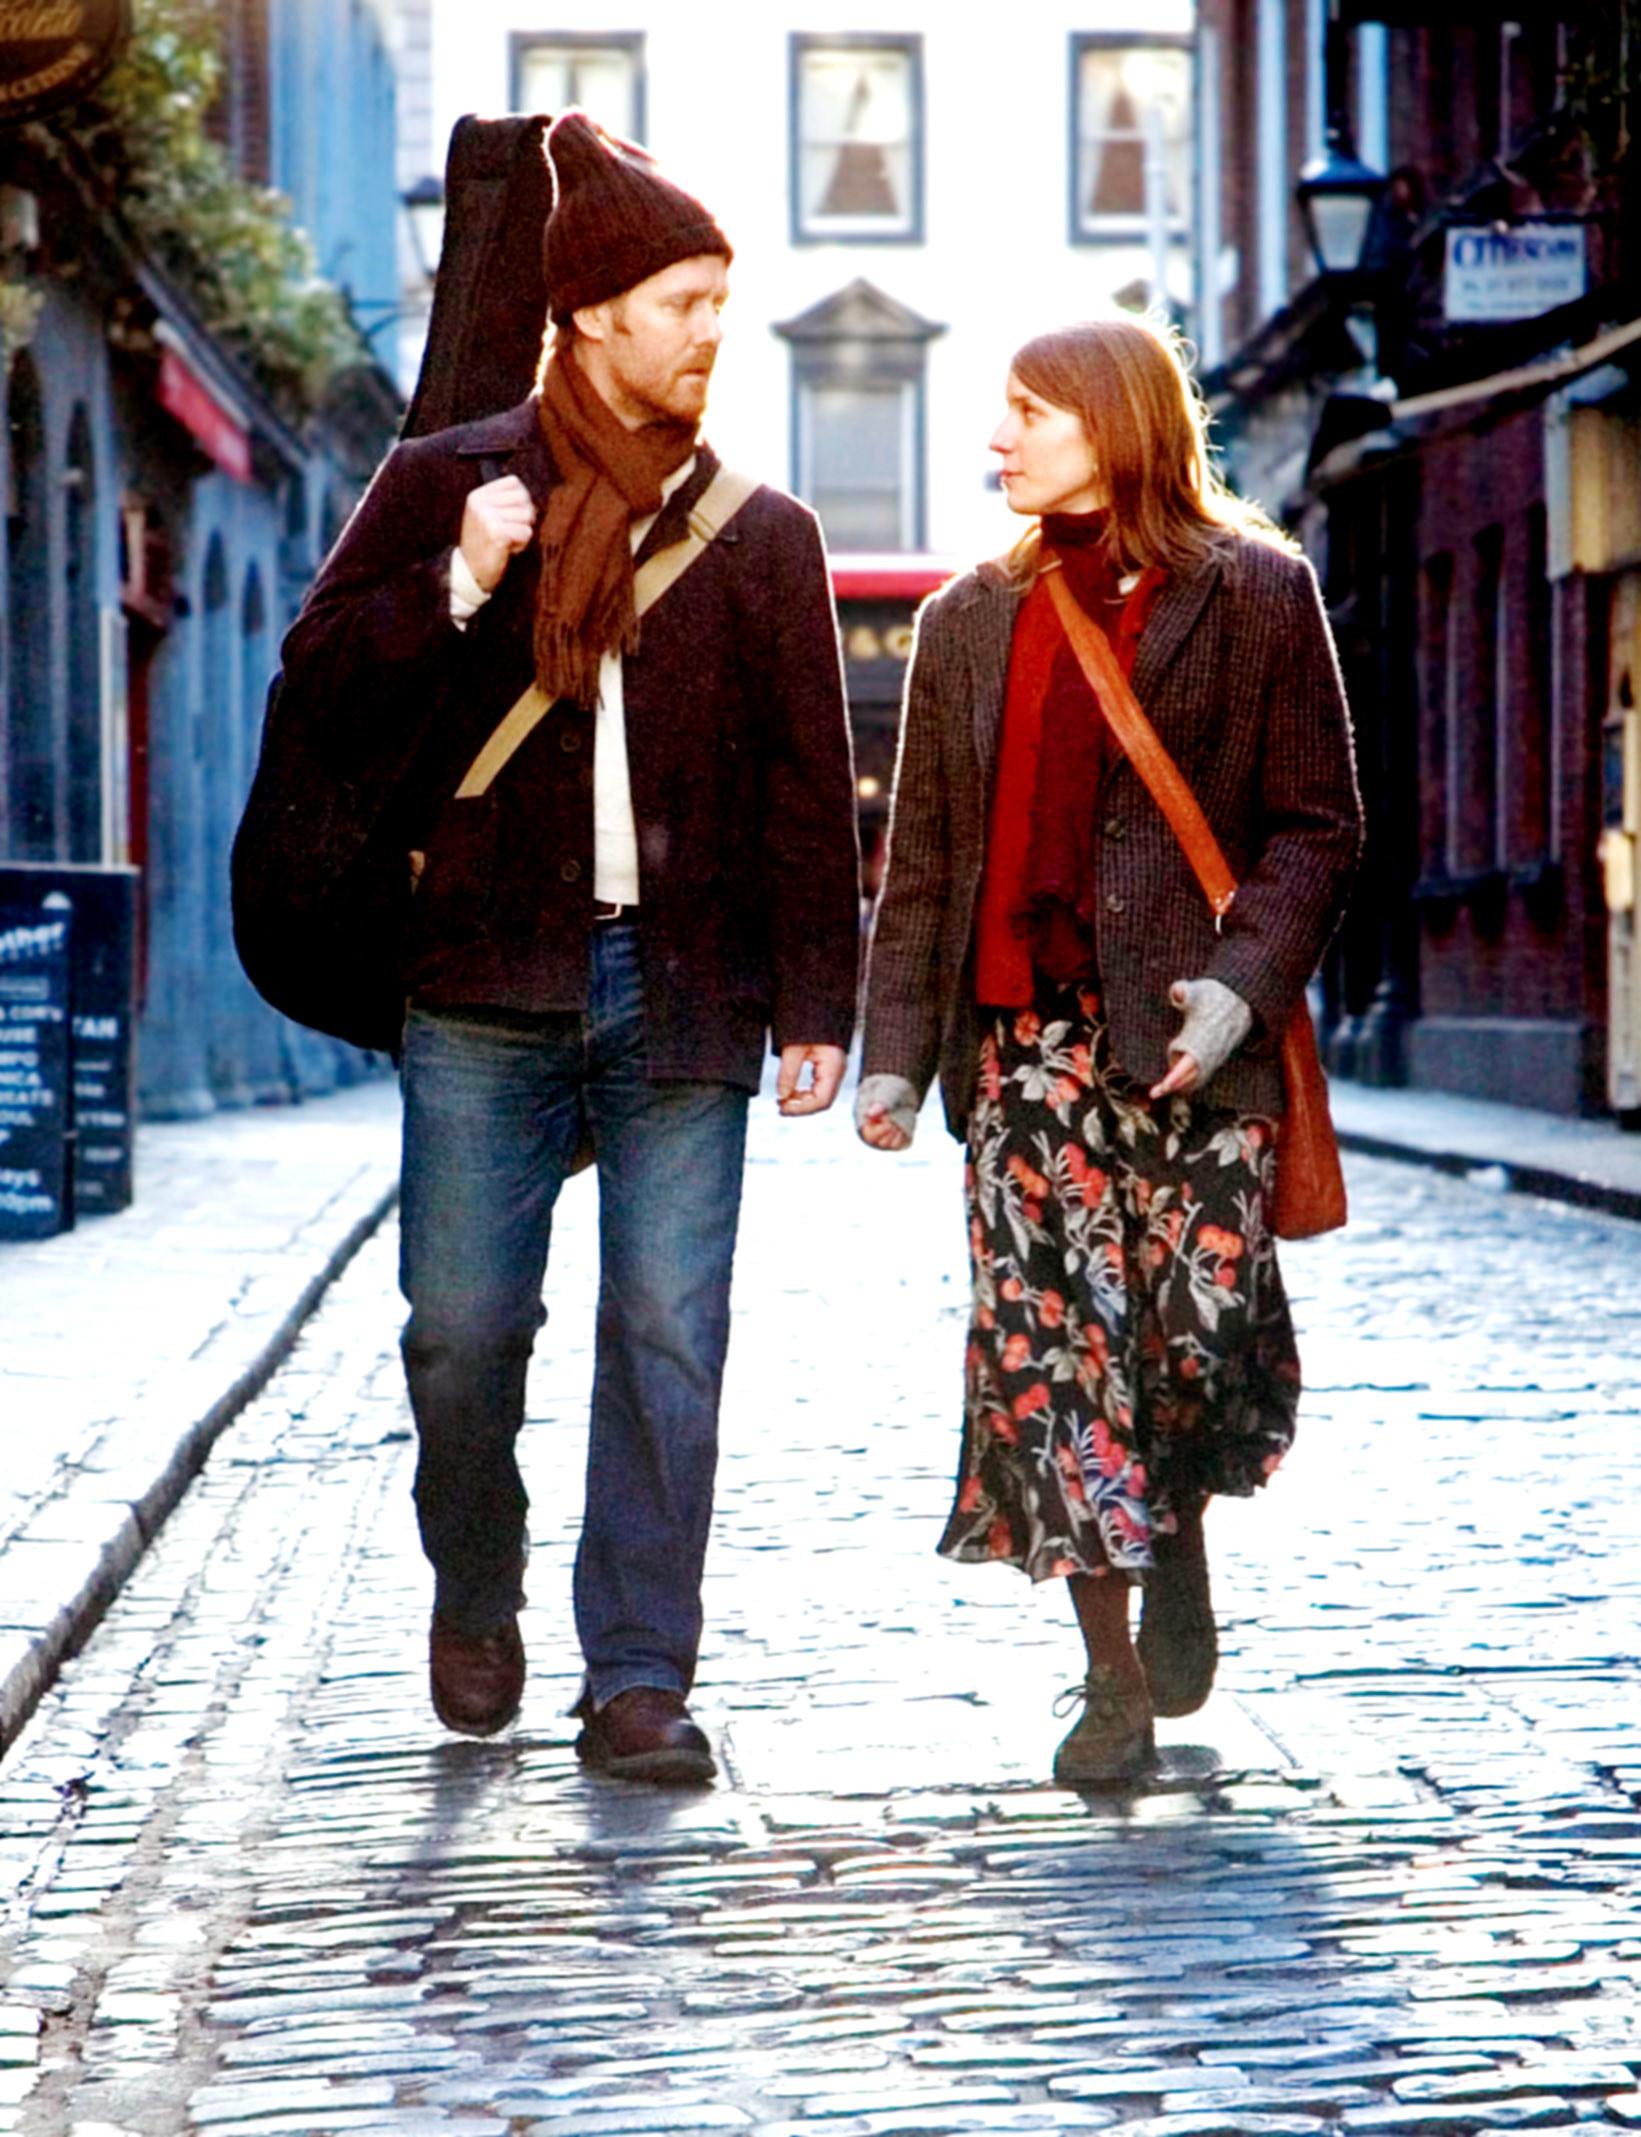 A man and woman walking down a Dublin street